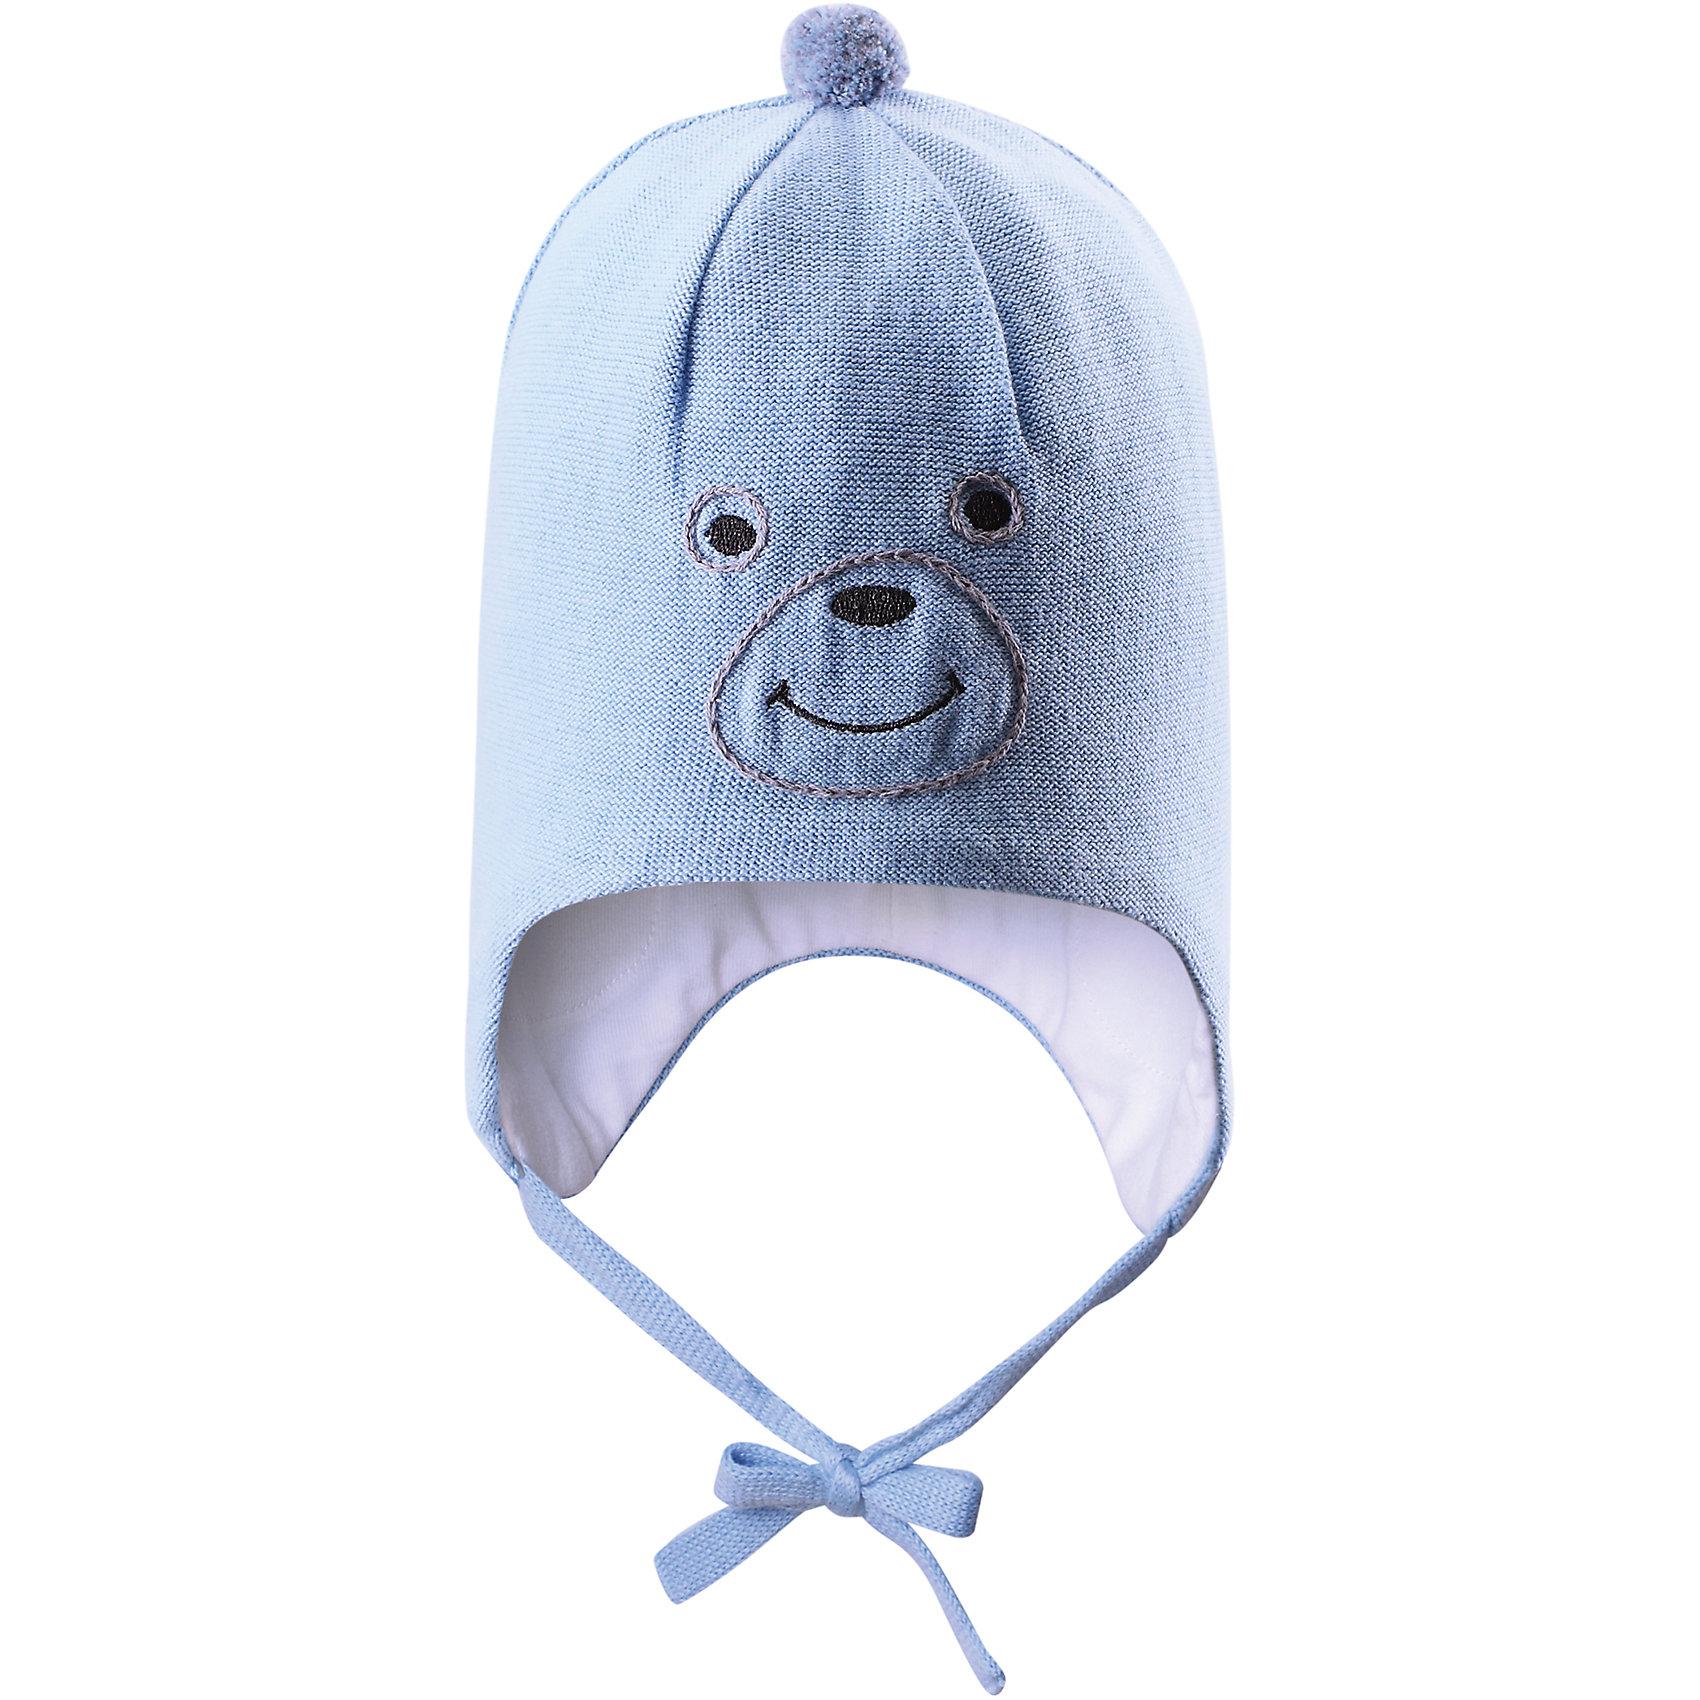 Шапка  LASSIEШапки и шарфы<br>Детская вязанная шапка с вязанным рисунком, ветронипроницаемые вставки в области ушей.<br>Состав:<br>100% Хлопок<br><br>Ширина мм: 89<br>Глубина мм: 117<br>Высота мм: 44<br>Вес г: 155<br>Цвет: голубой<br>Возраст от месяцев: 6<br>Возраст до месяцев: 12<br>Пол: Унисекс<br>Возраст: Детский<br>Размер: 44-46,50-52,46-48<br>SKU: 4554942